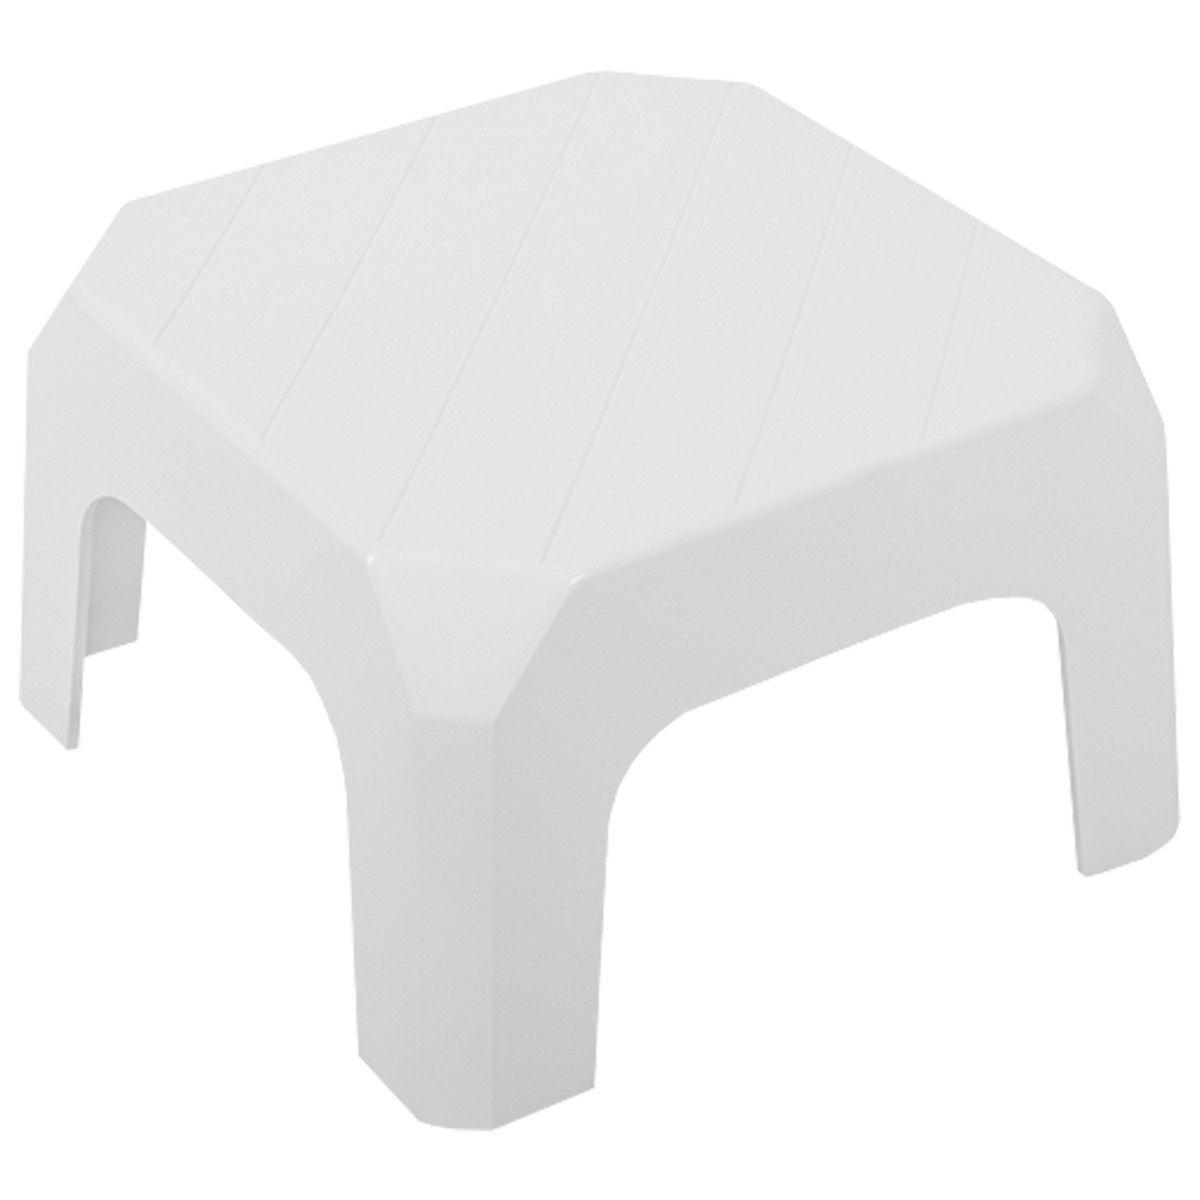 Mini Banqueta Plástica 20cm Branca Astra Bf2/r*br1